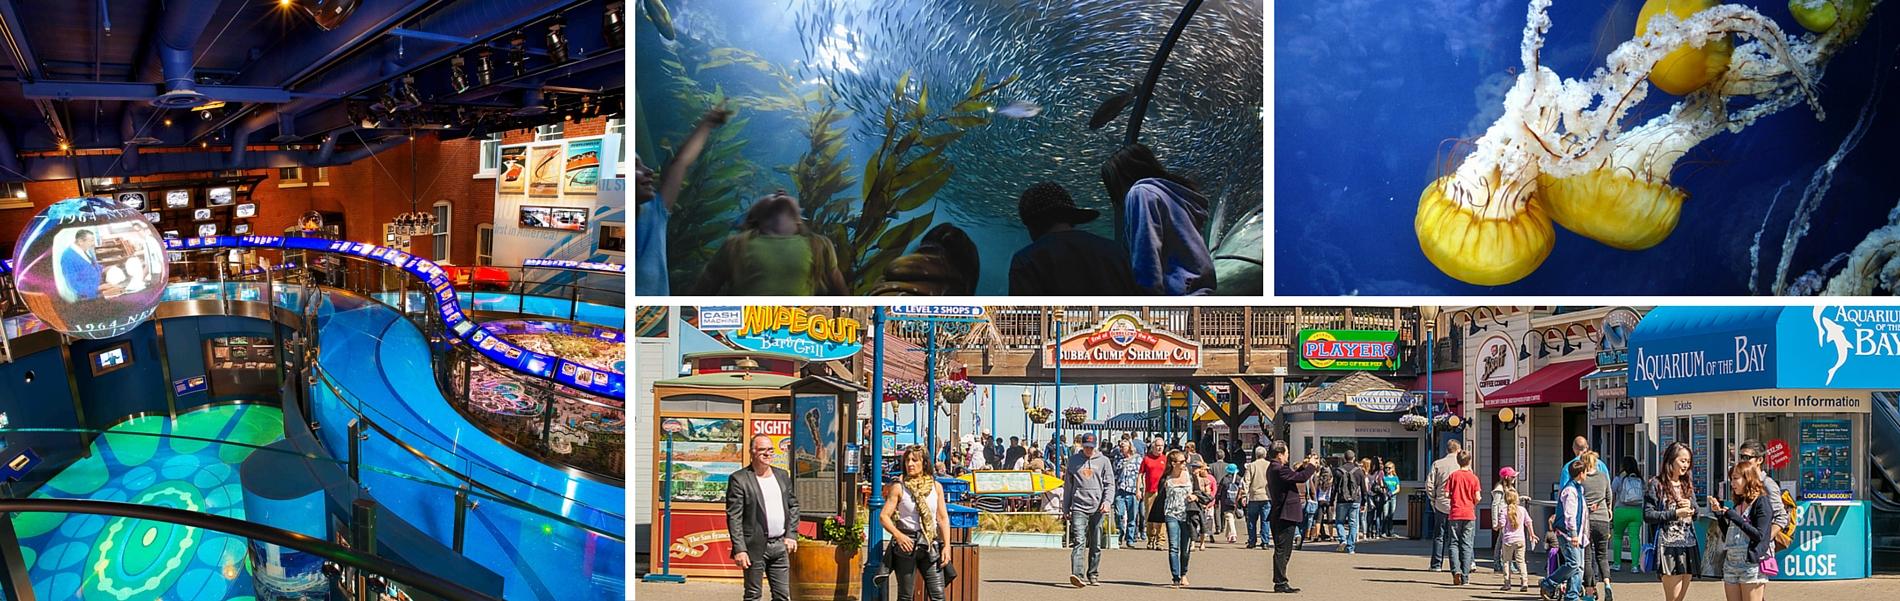 Northern California Attractions | Santa Clara Attractions